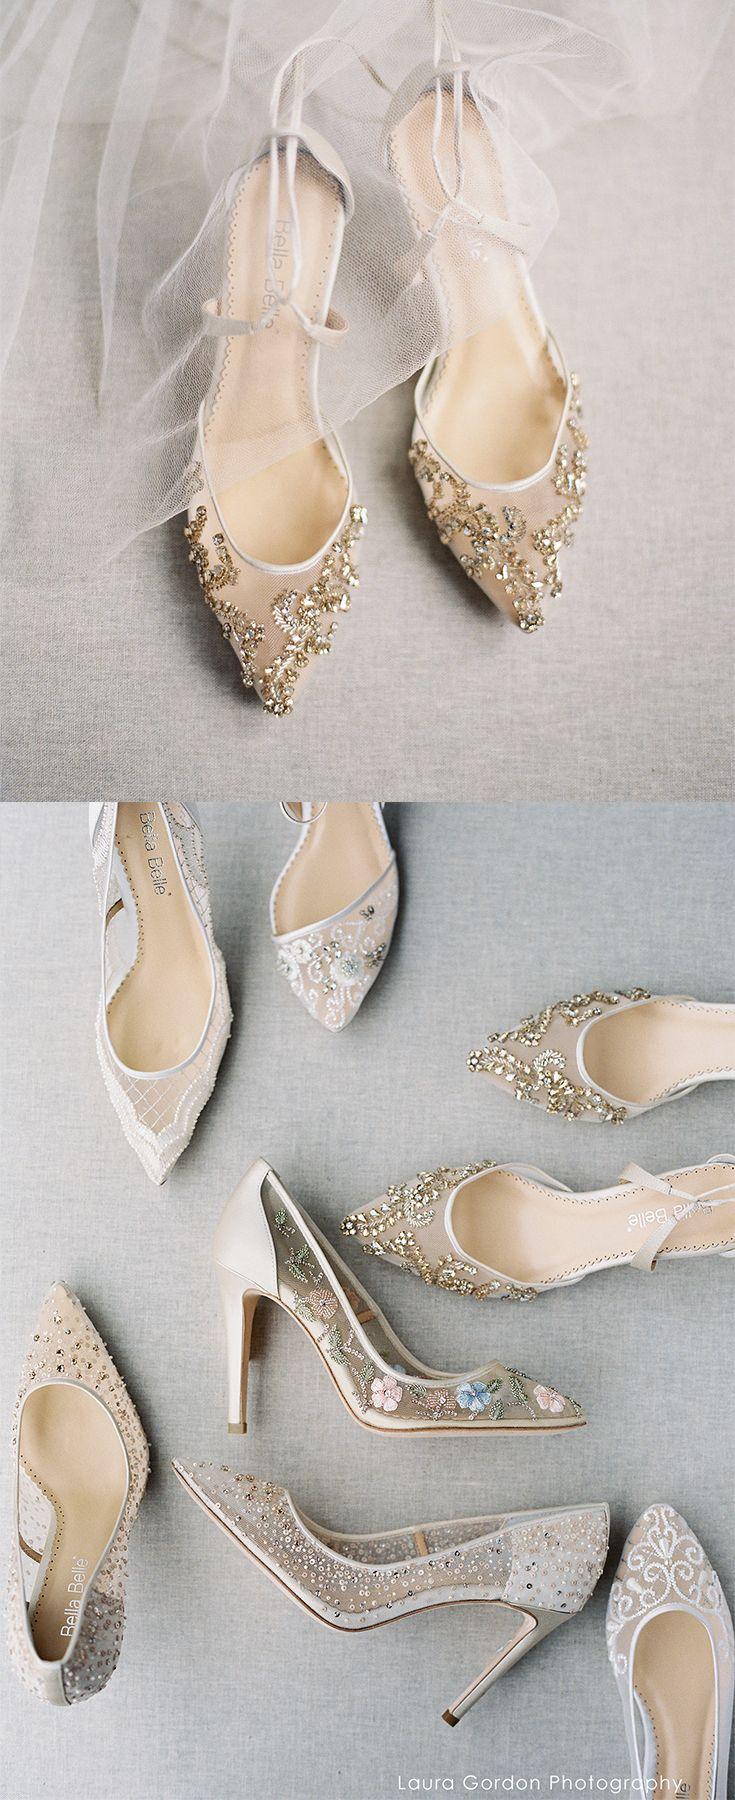 Bella Belle Euphoria Wedding Shoe Collection Features A Sparkly